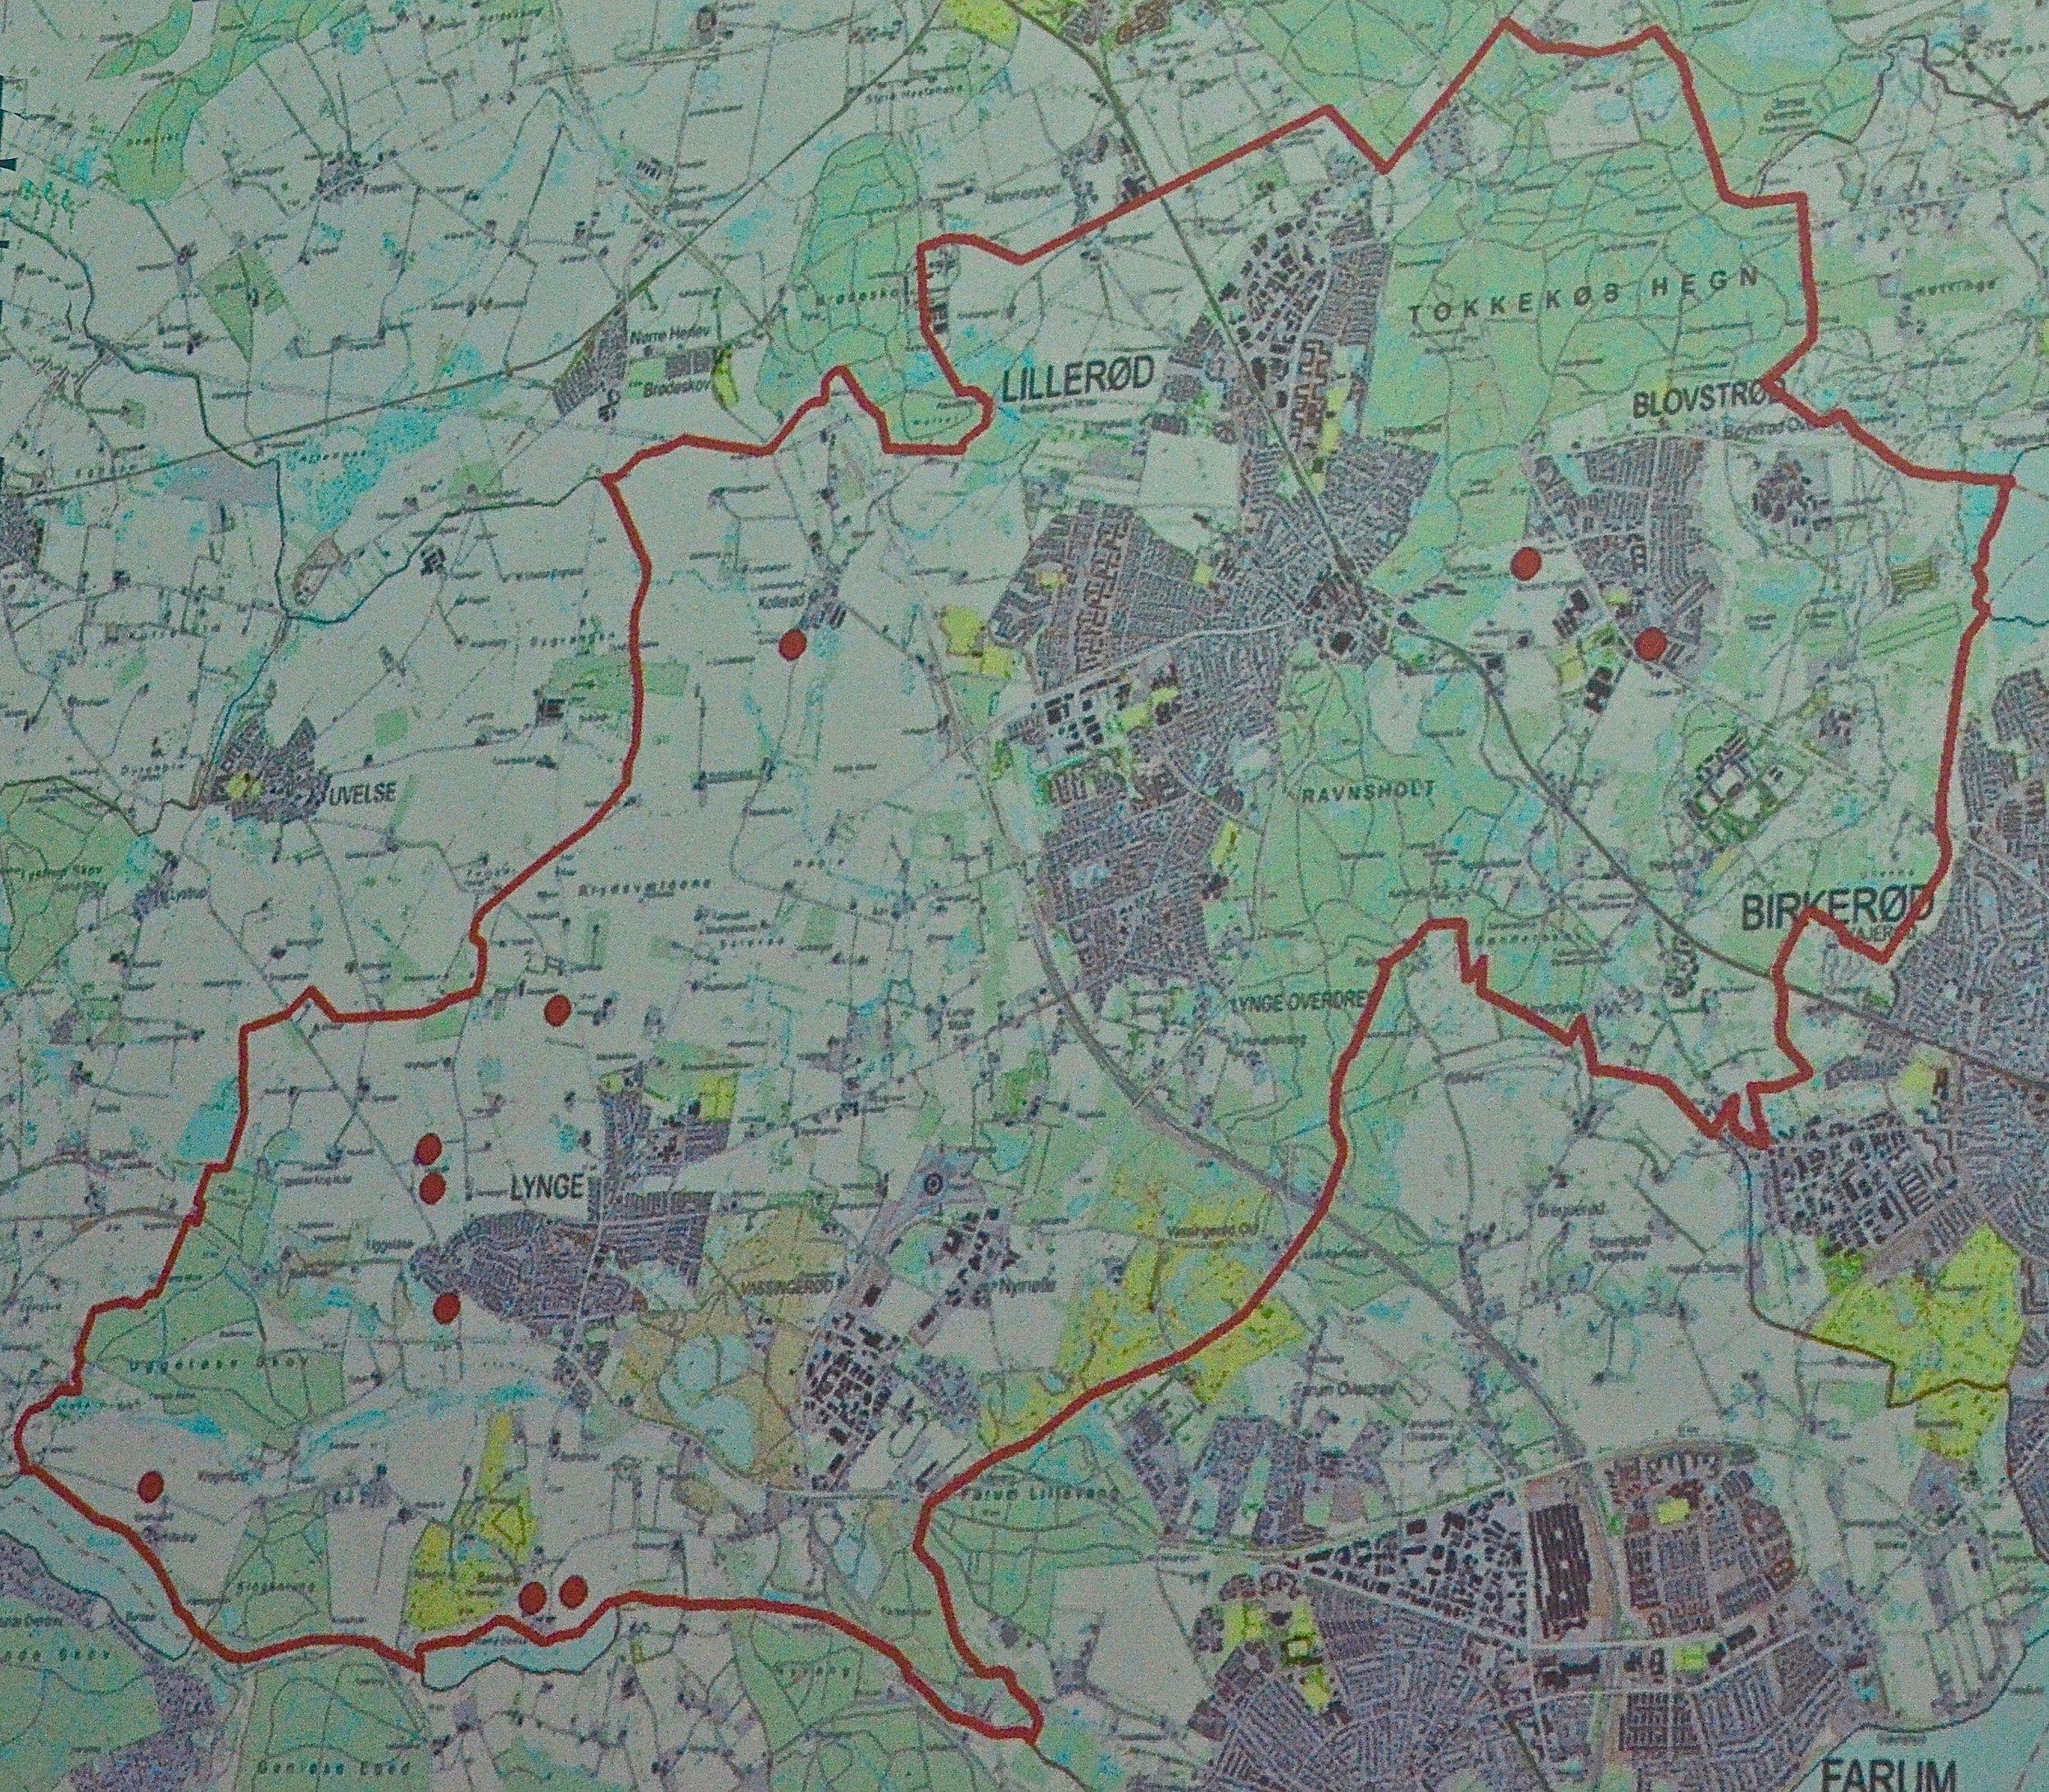 Der er kun 10 steder i kommunen, hvor man har registret detektor-danefæ.